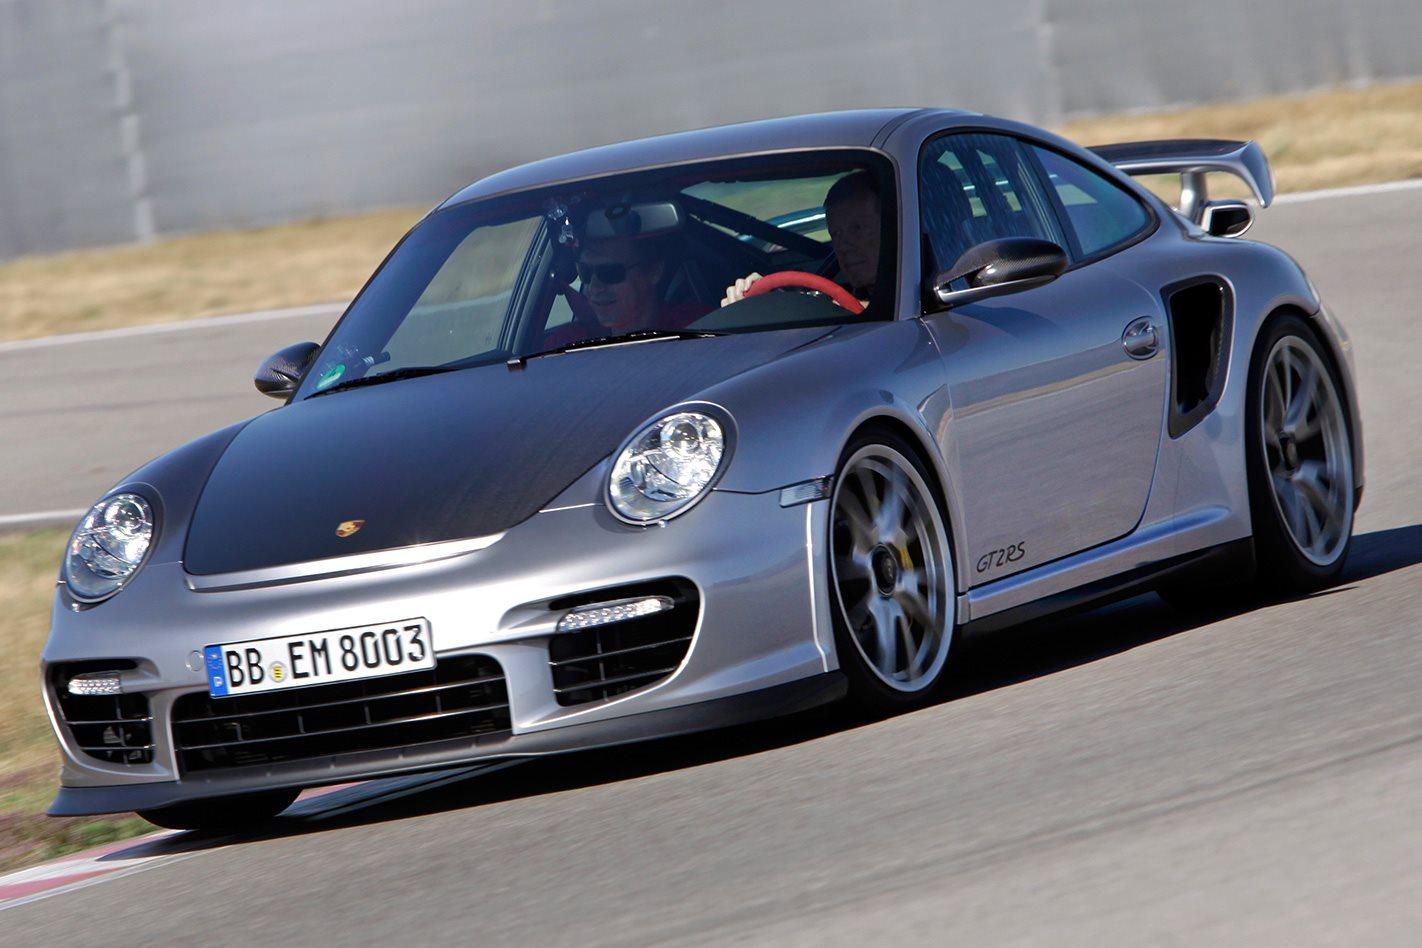 Porsche 911 GT2 RS 997.2 front